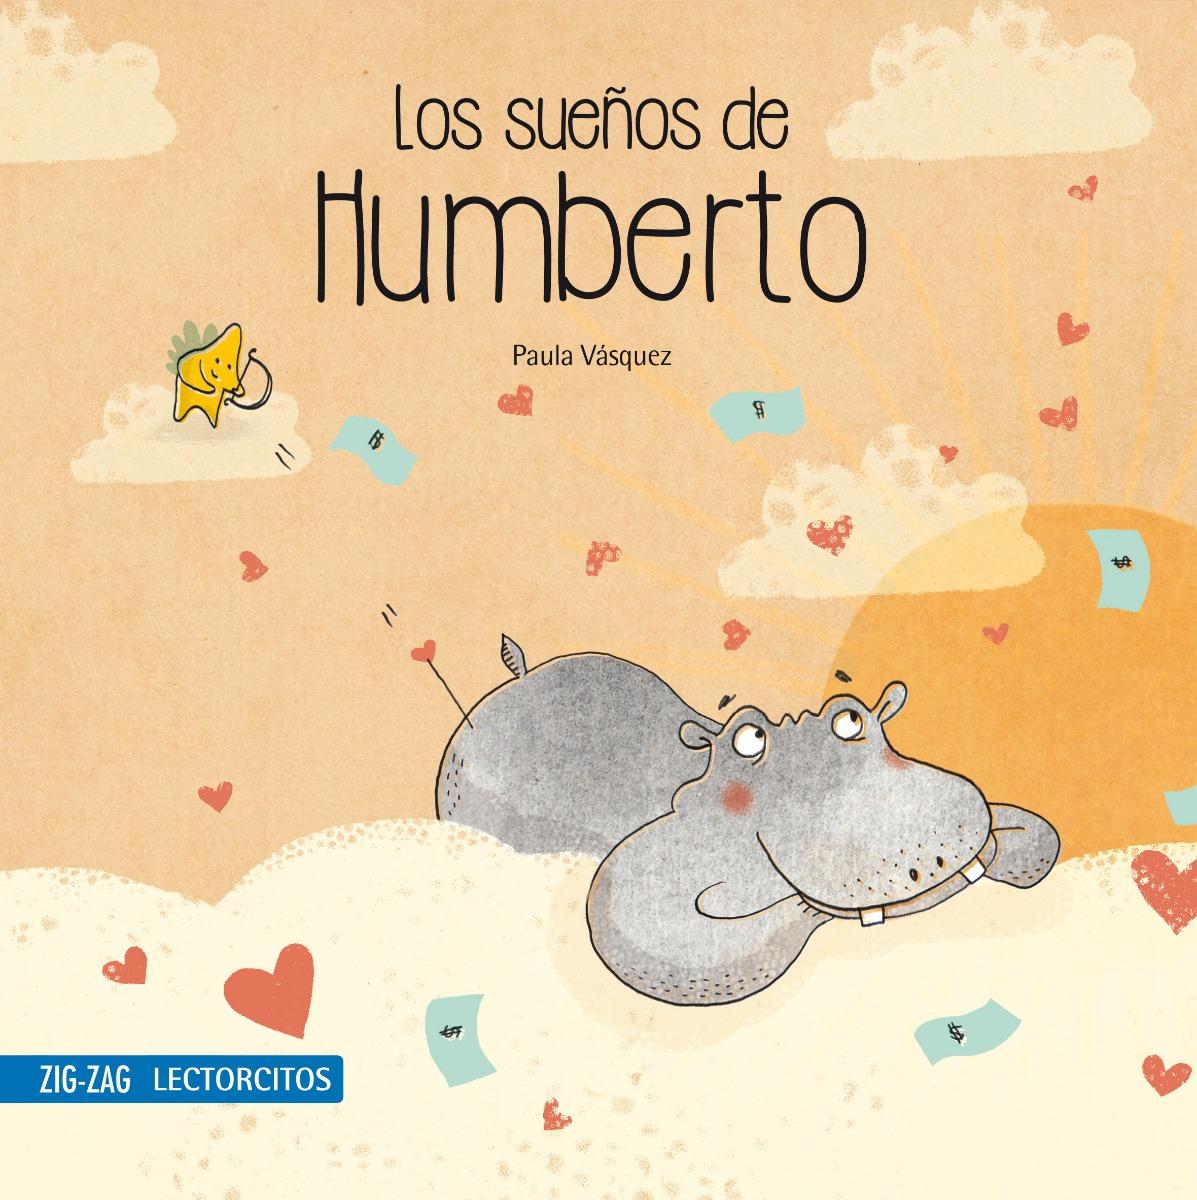 Los sueños de Humberto